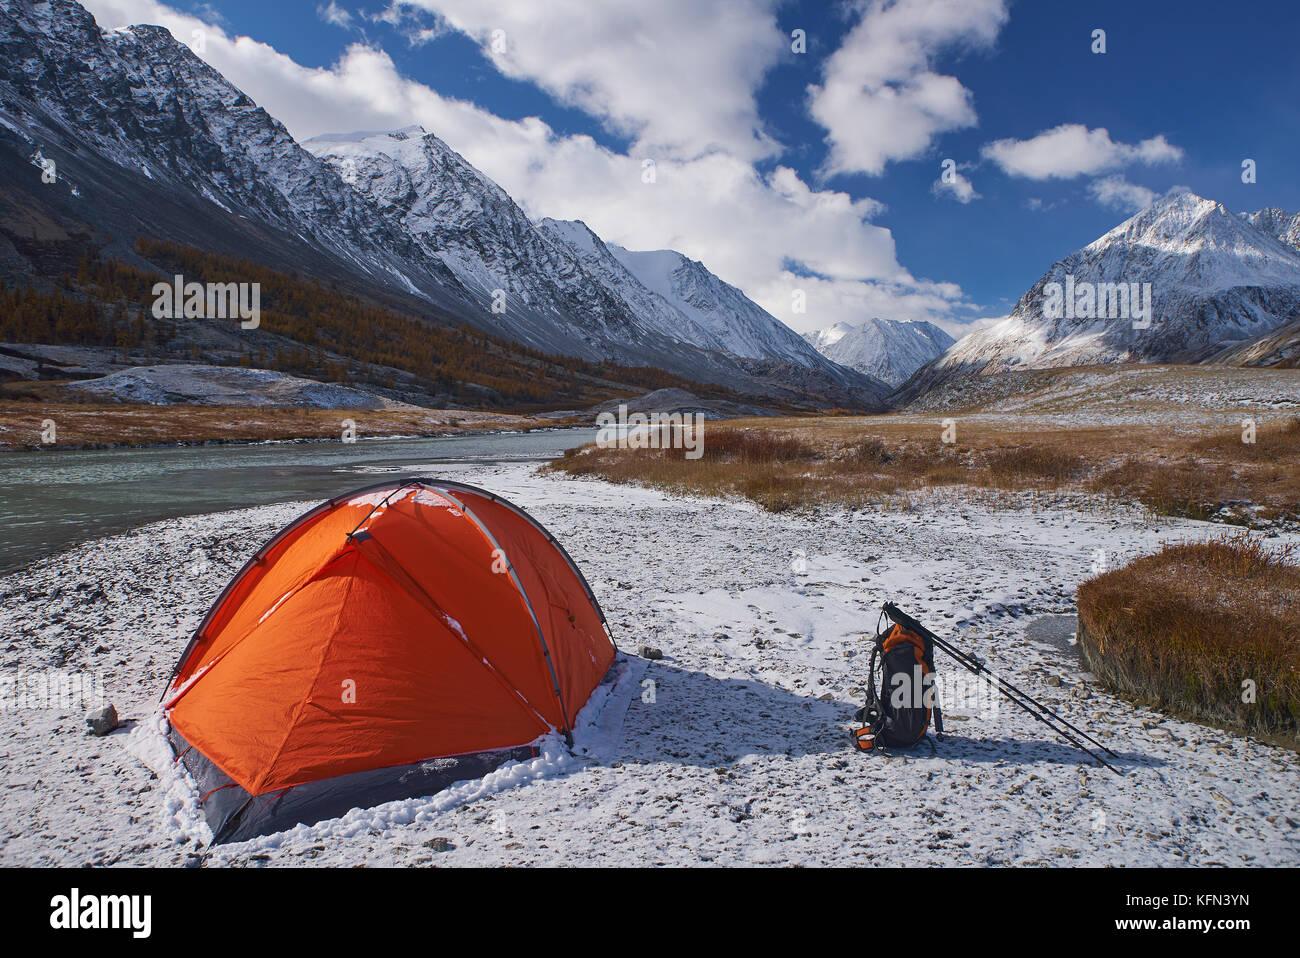 Campeggio e tenda con zaino in montagna Immagini Stock